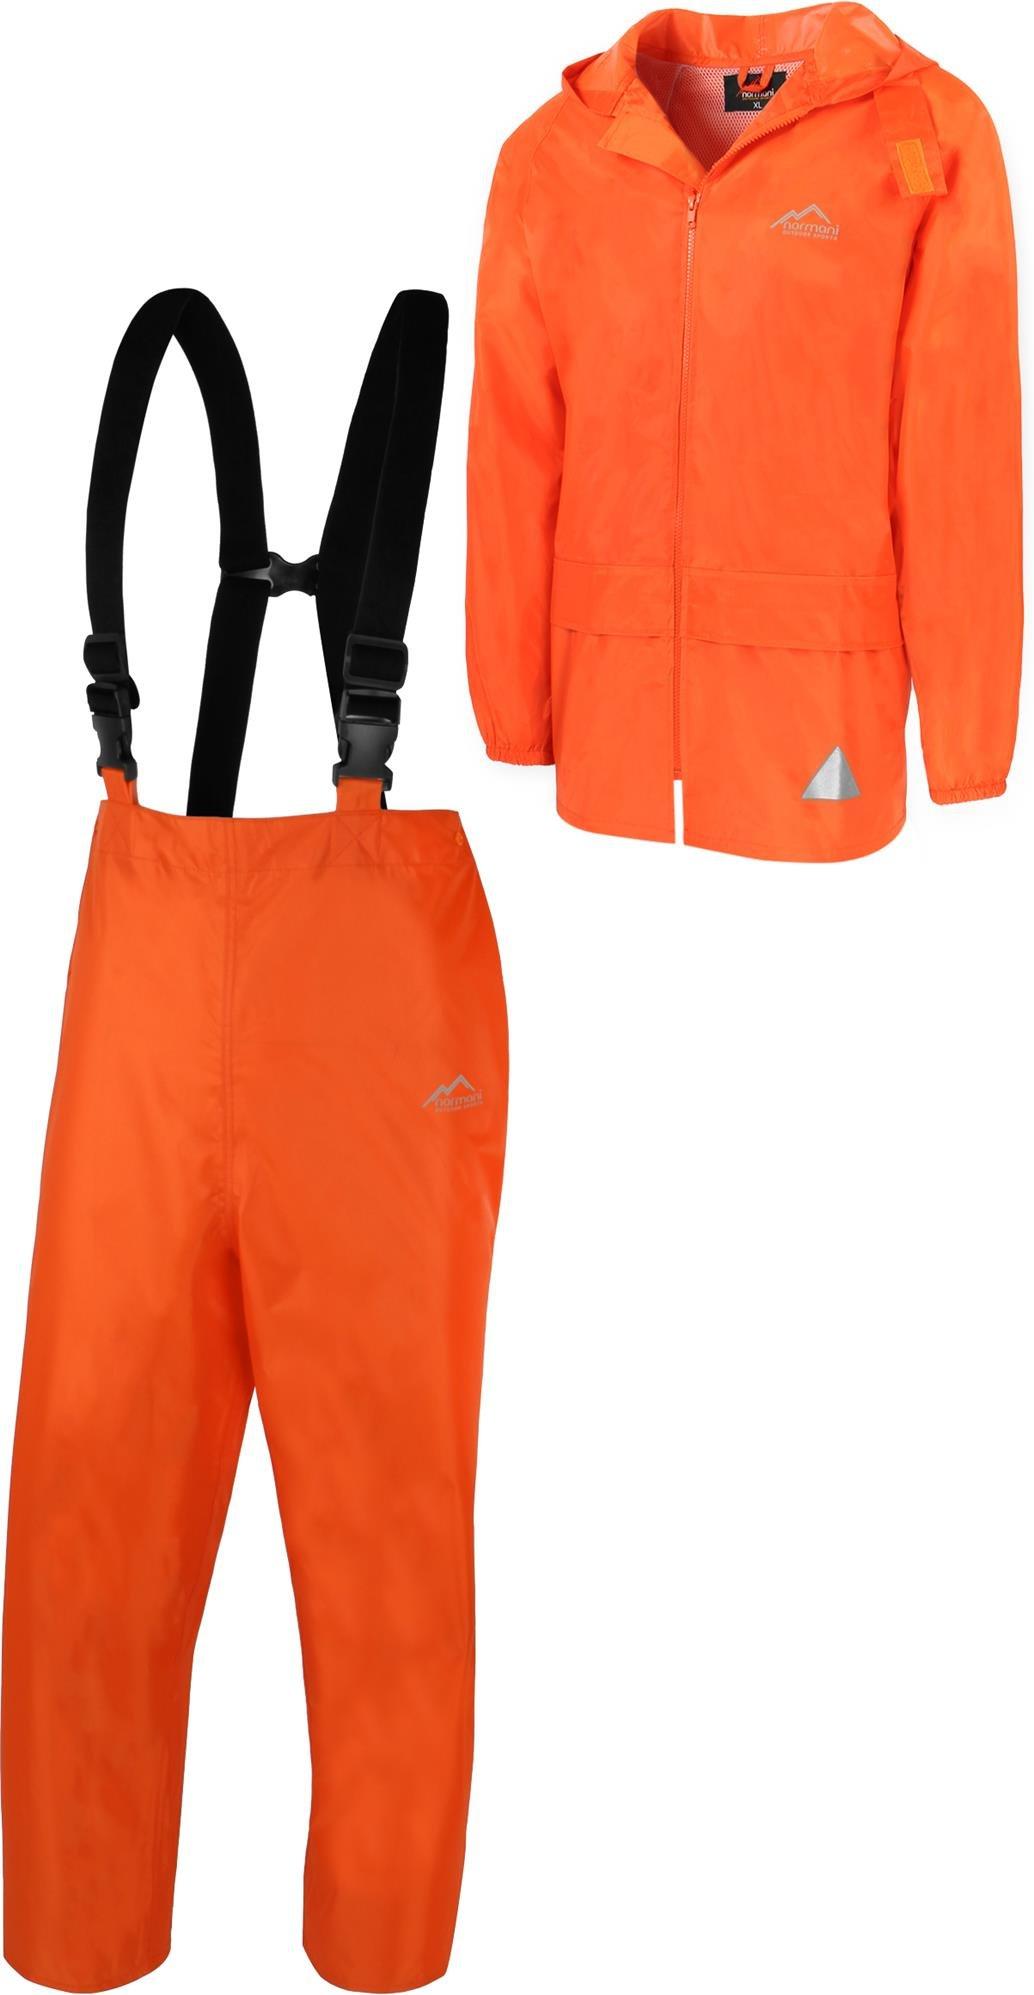 Freundschaftlich Regen Jacke Hose Anzug Regenschutz Regenanzug Regenjacke Regenhose Kapuze Bekleidung